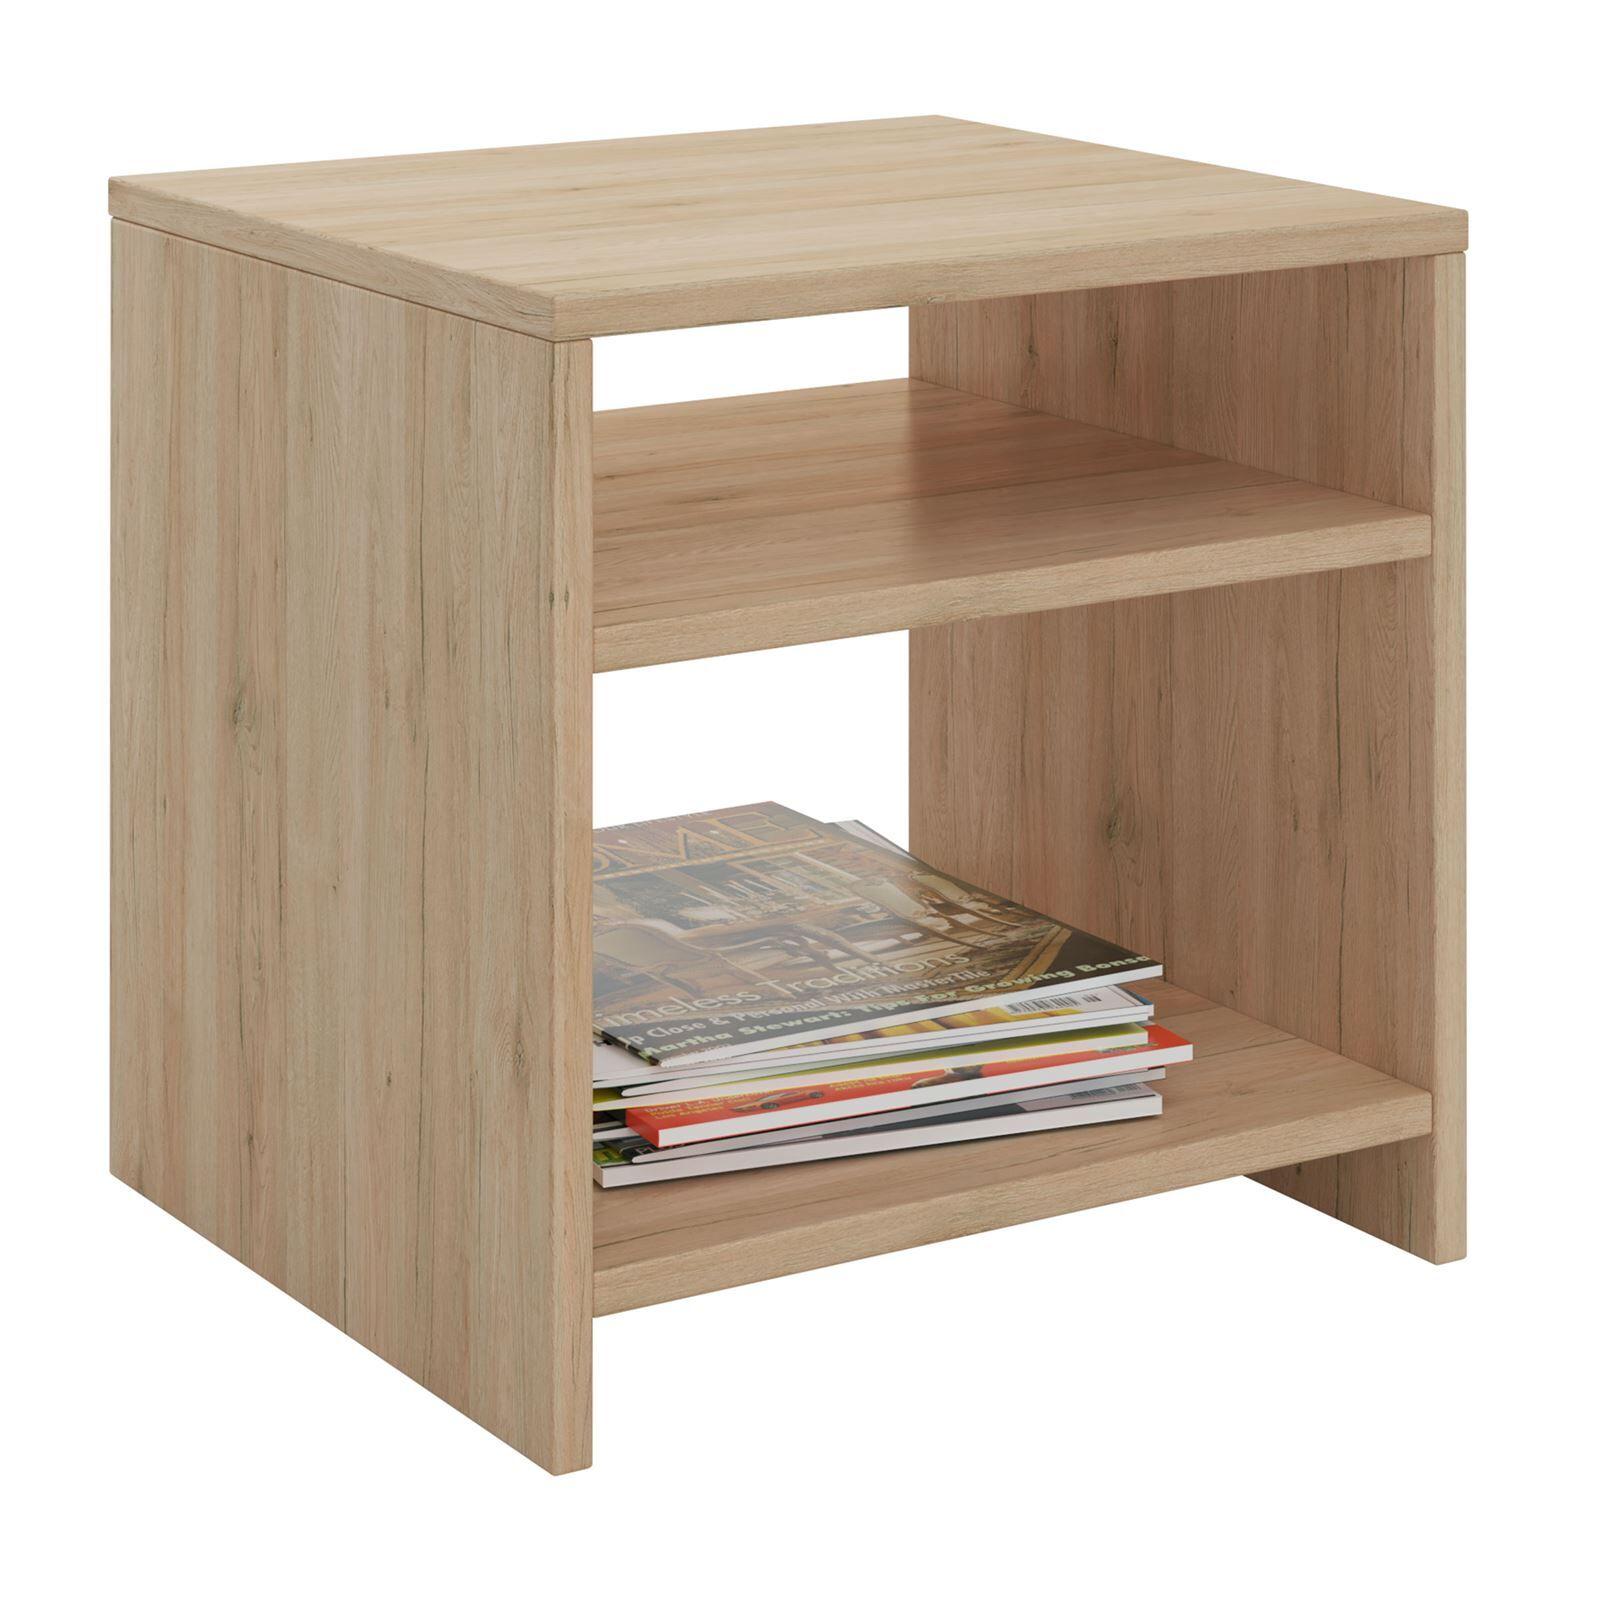 CARO-Möbel Beistelltisch ALMERIA in San Remo